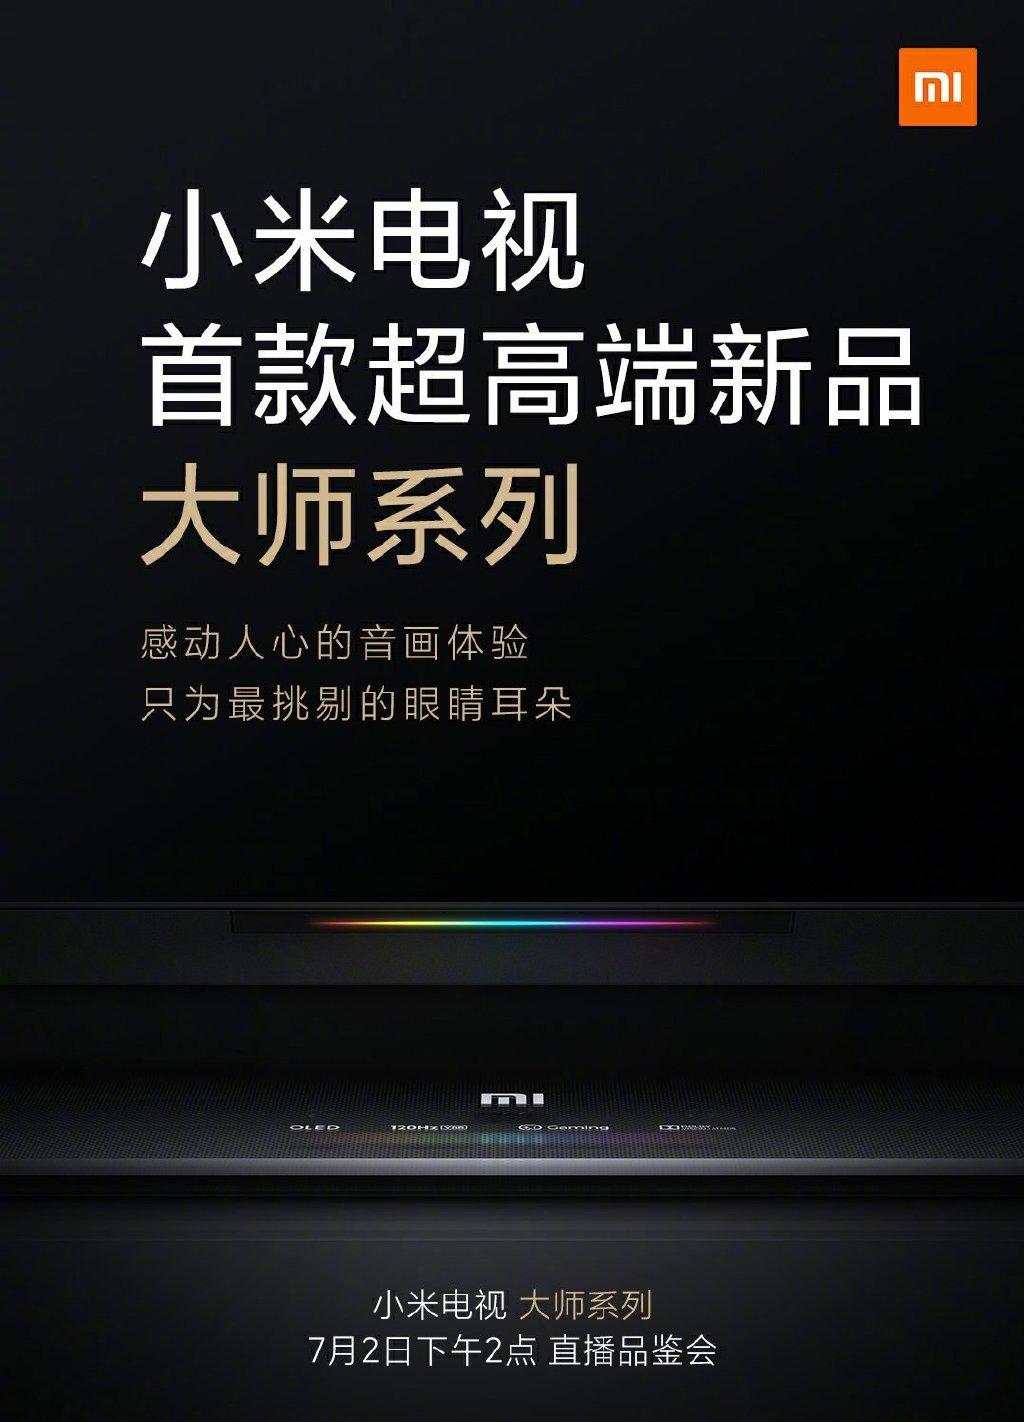 小米全新系列官宣:首款超高端新品